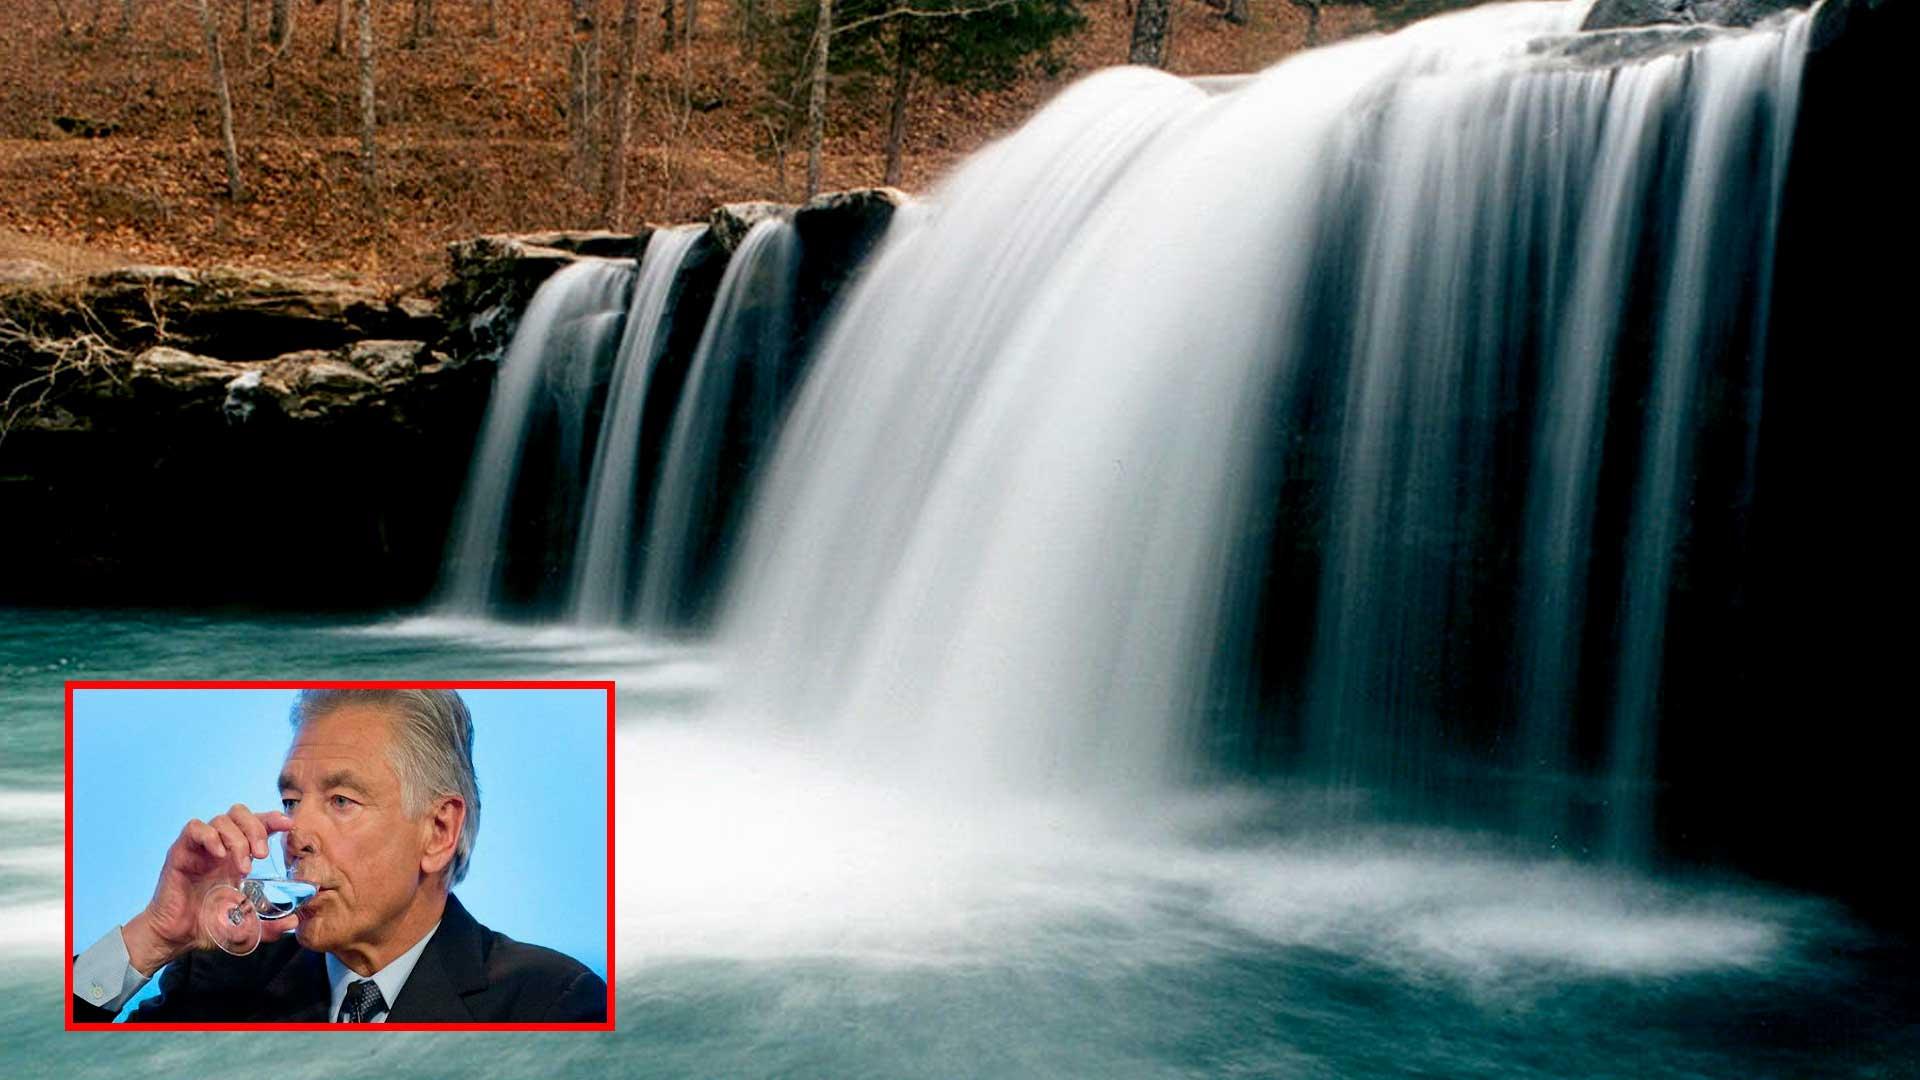 Ex presidente de Nestlé opina que el agua no debe ser un derecho para la humanidad y debe ser privatizada